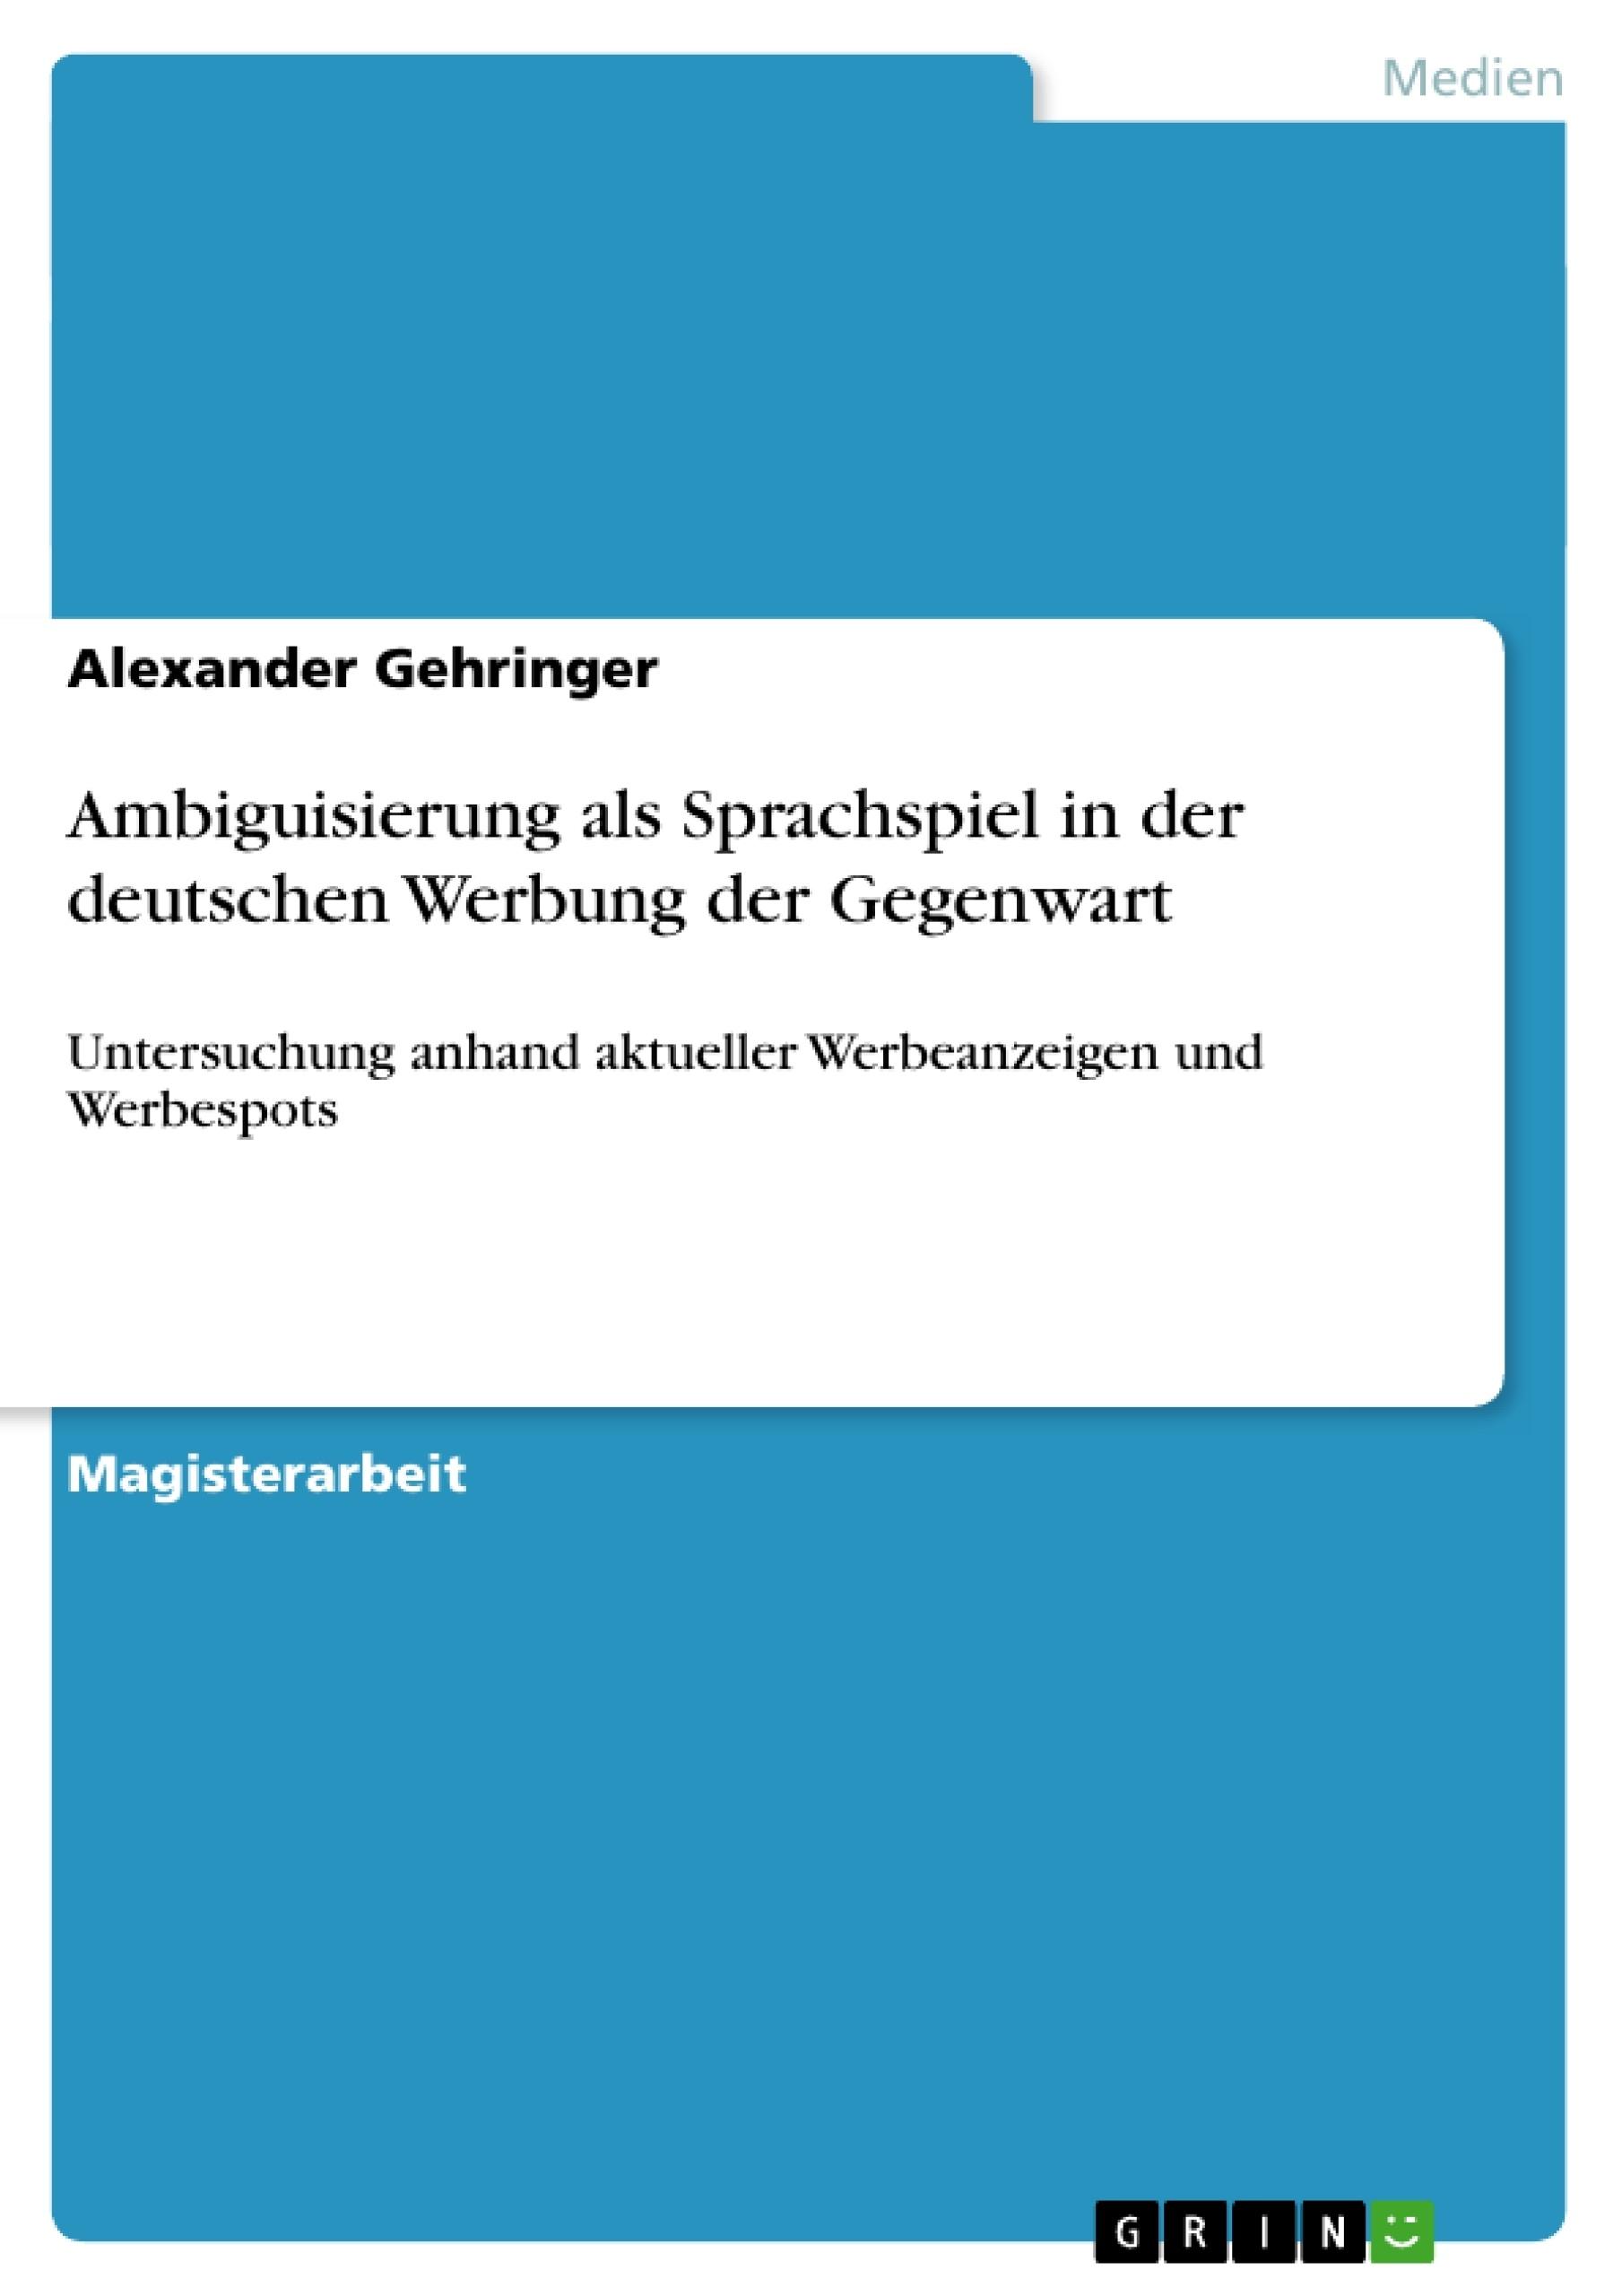 Titel: Ambiguisierung als Sprachspiel in der deutschen Werbung der Gegenwart